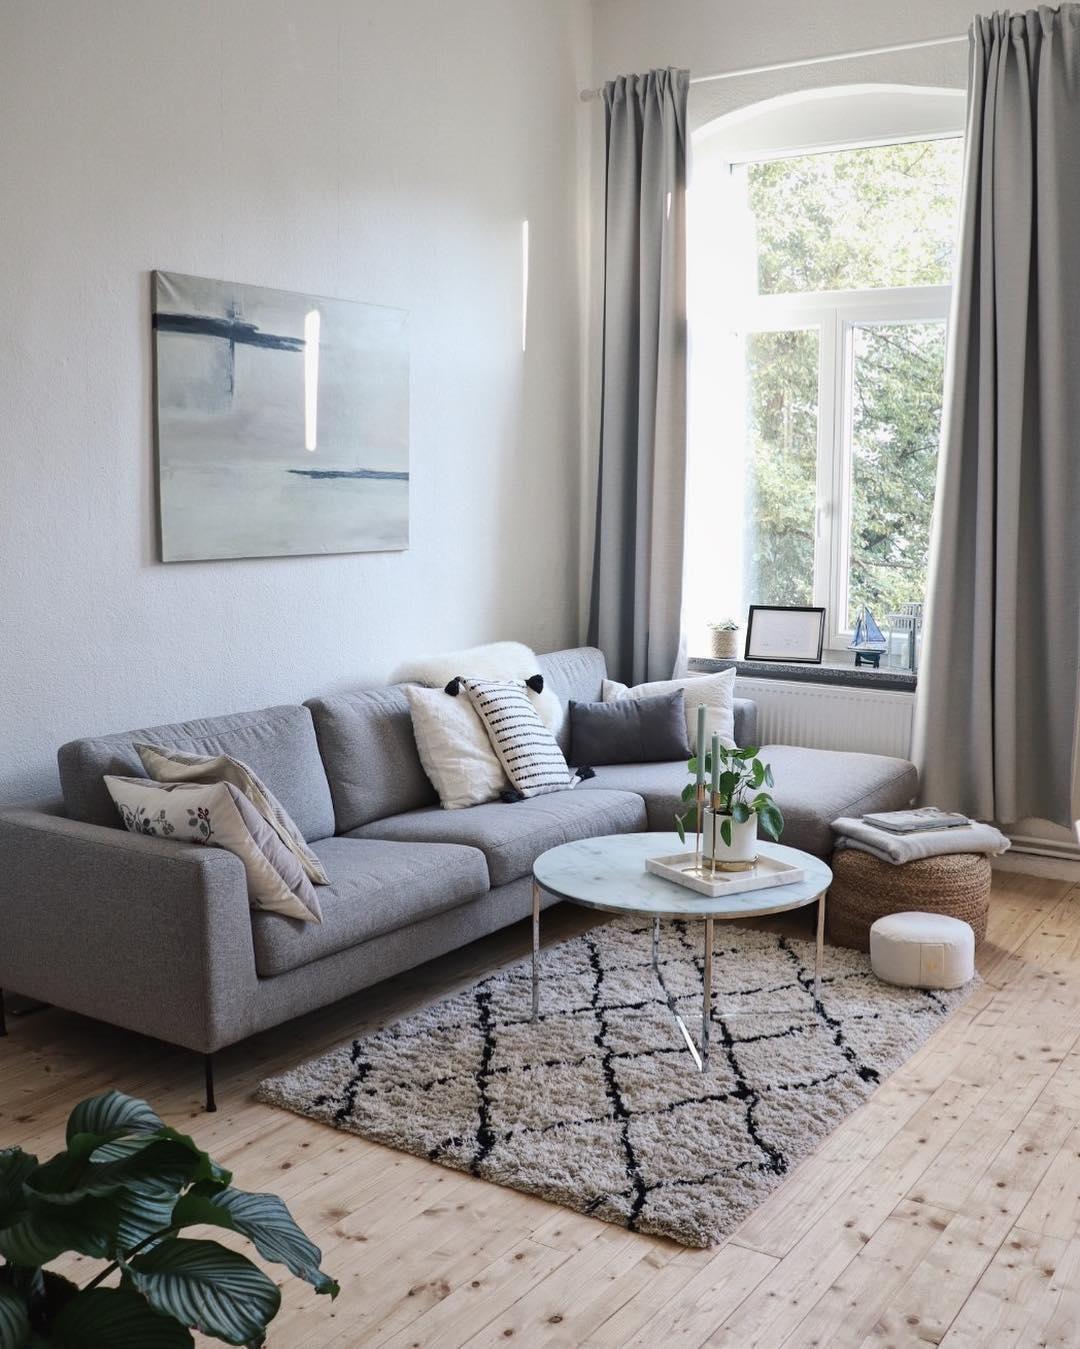 Das Highlight Dieses Traumwohnzimmers Eindeutig Der Couchtisch Antigua Marmor Ist Magie Denn Skandinavische Wohnraume Bauernhaus Wohnzimmer Zimmerdekoration